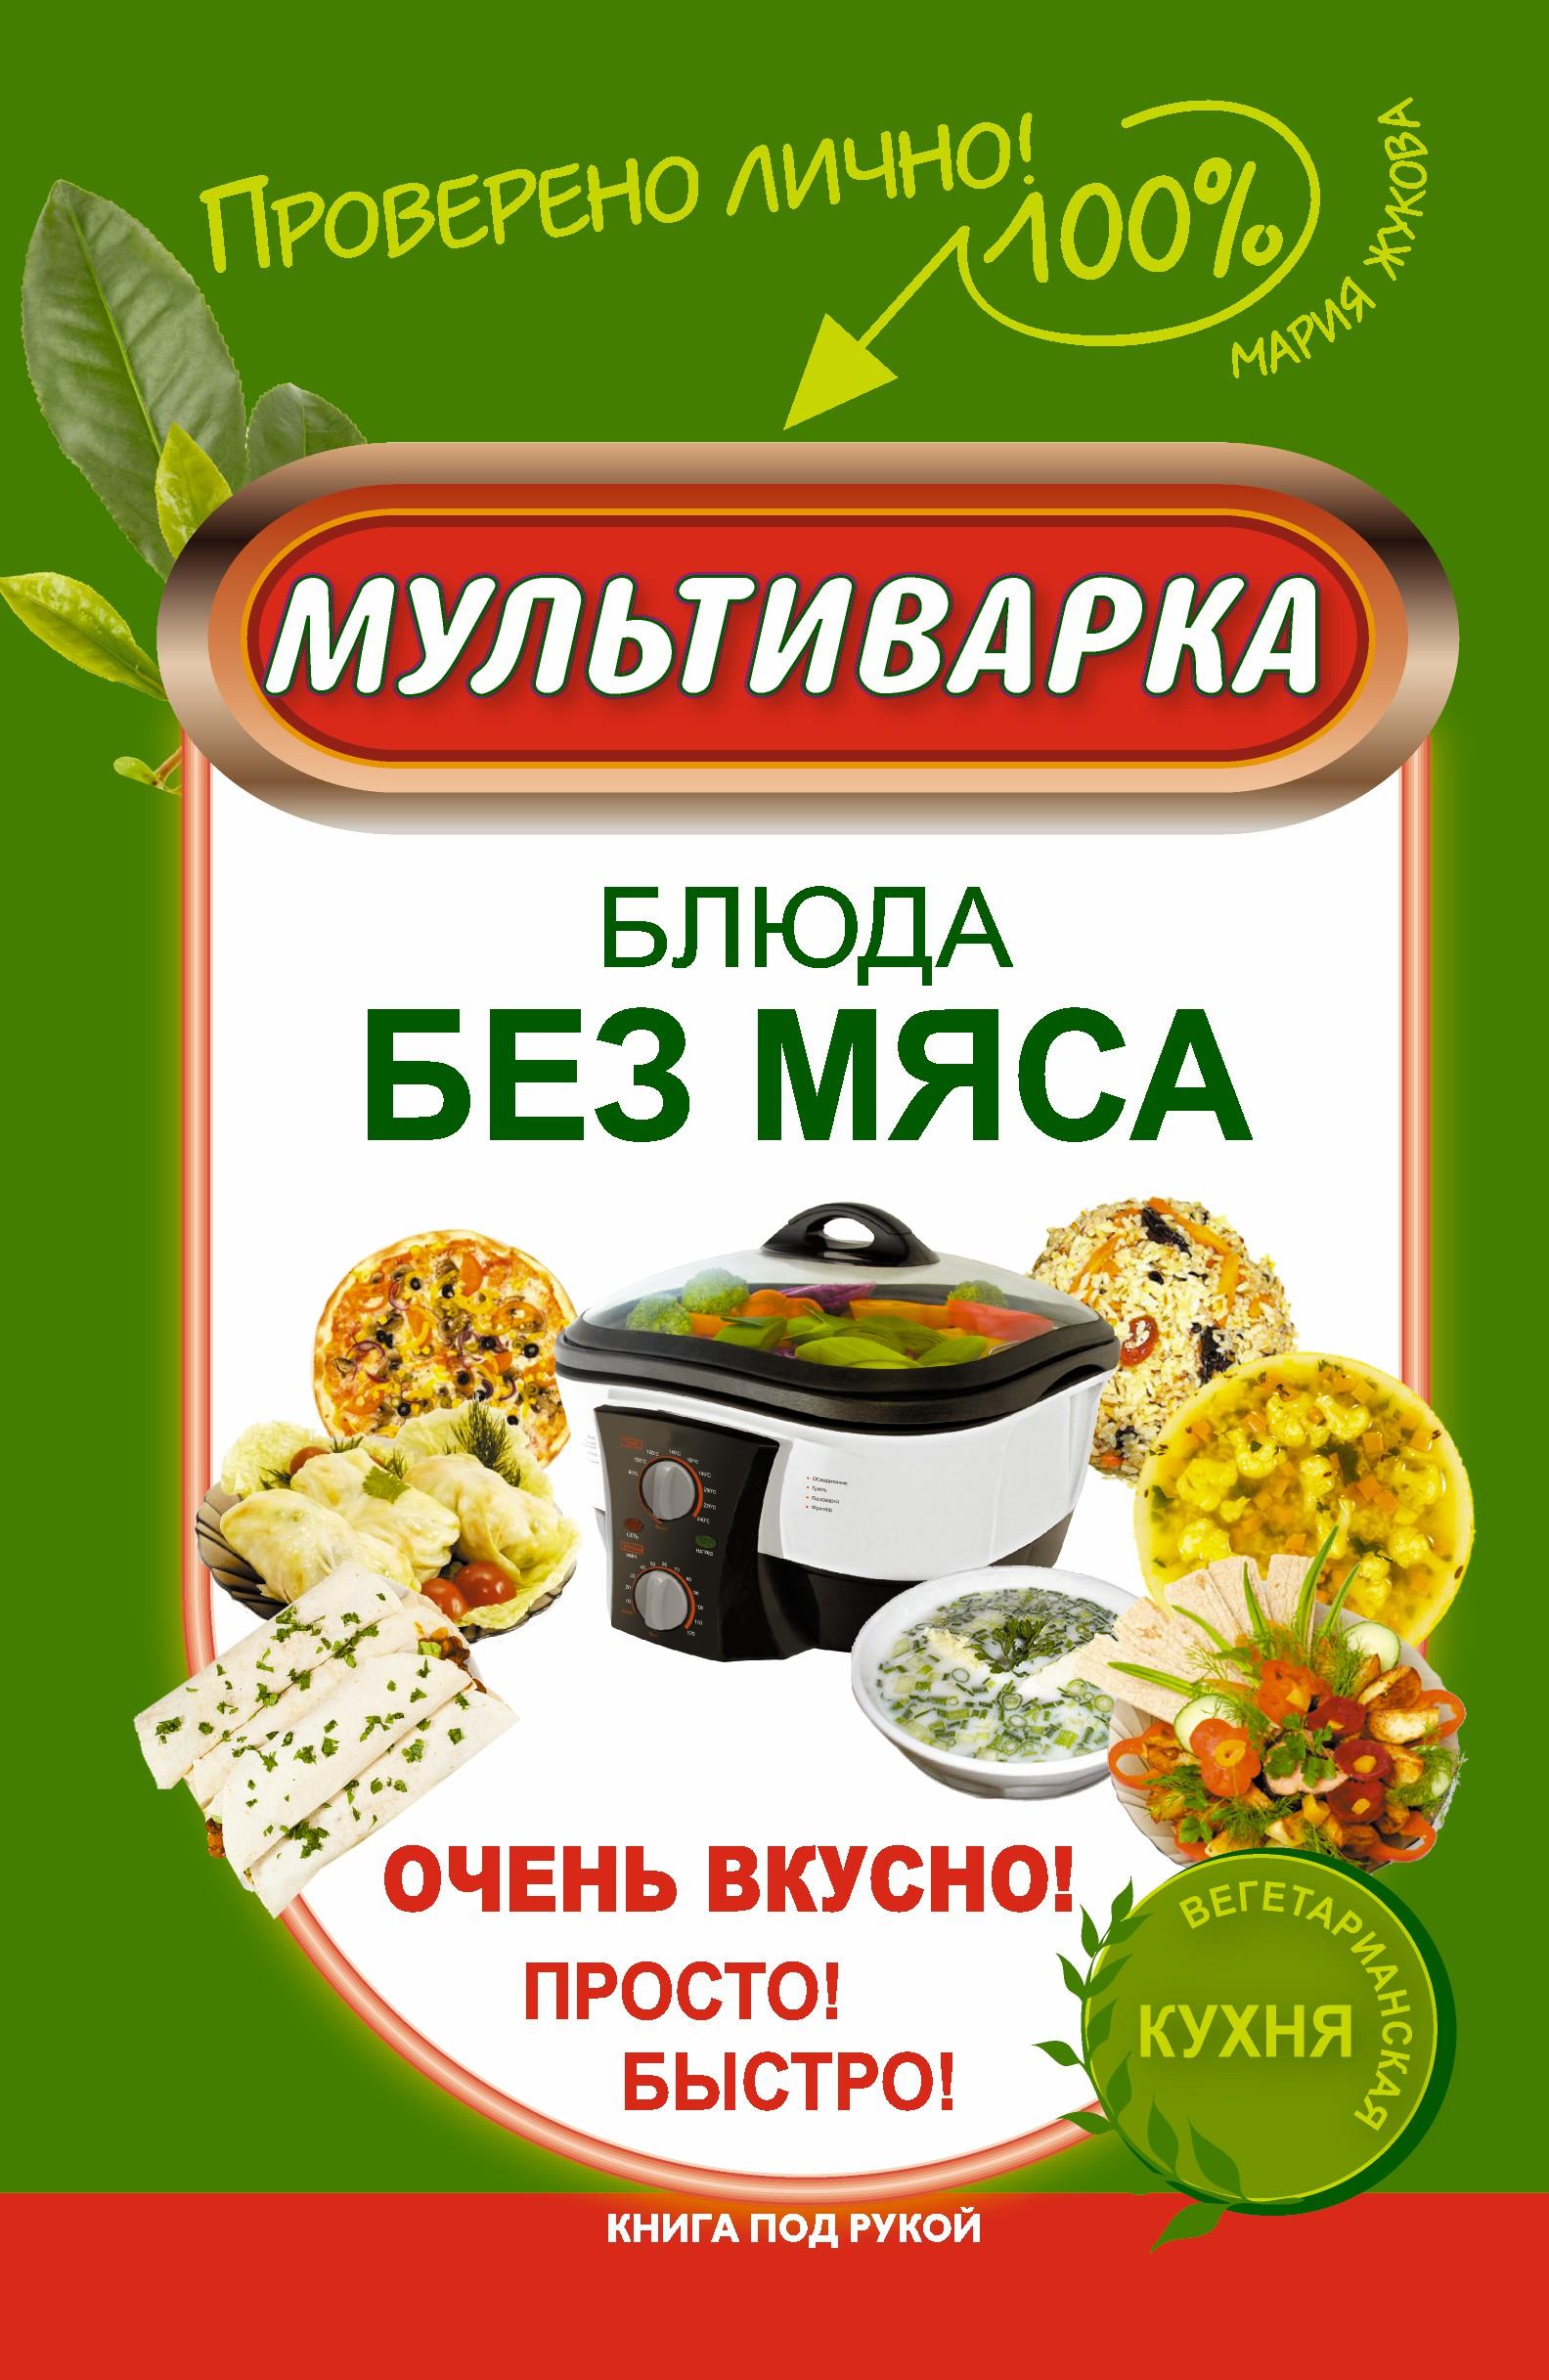 Мария Жукова Мультиварка. Блюда без мяса. Очень вкусно! Просто! Быстро! мария жукова гладкова остров острых ощущений